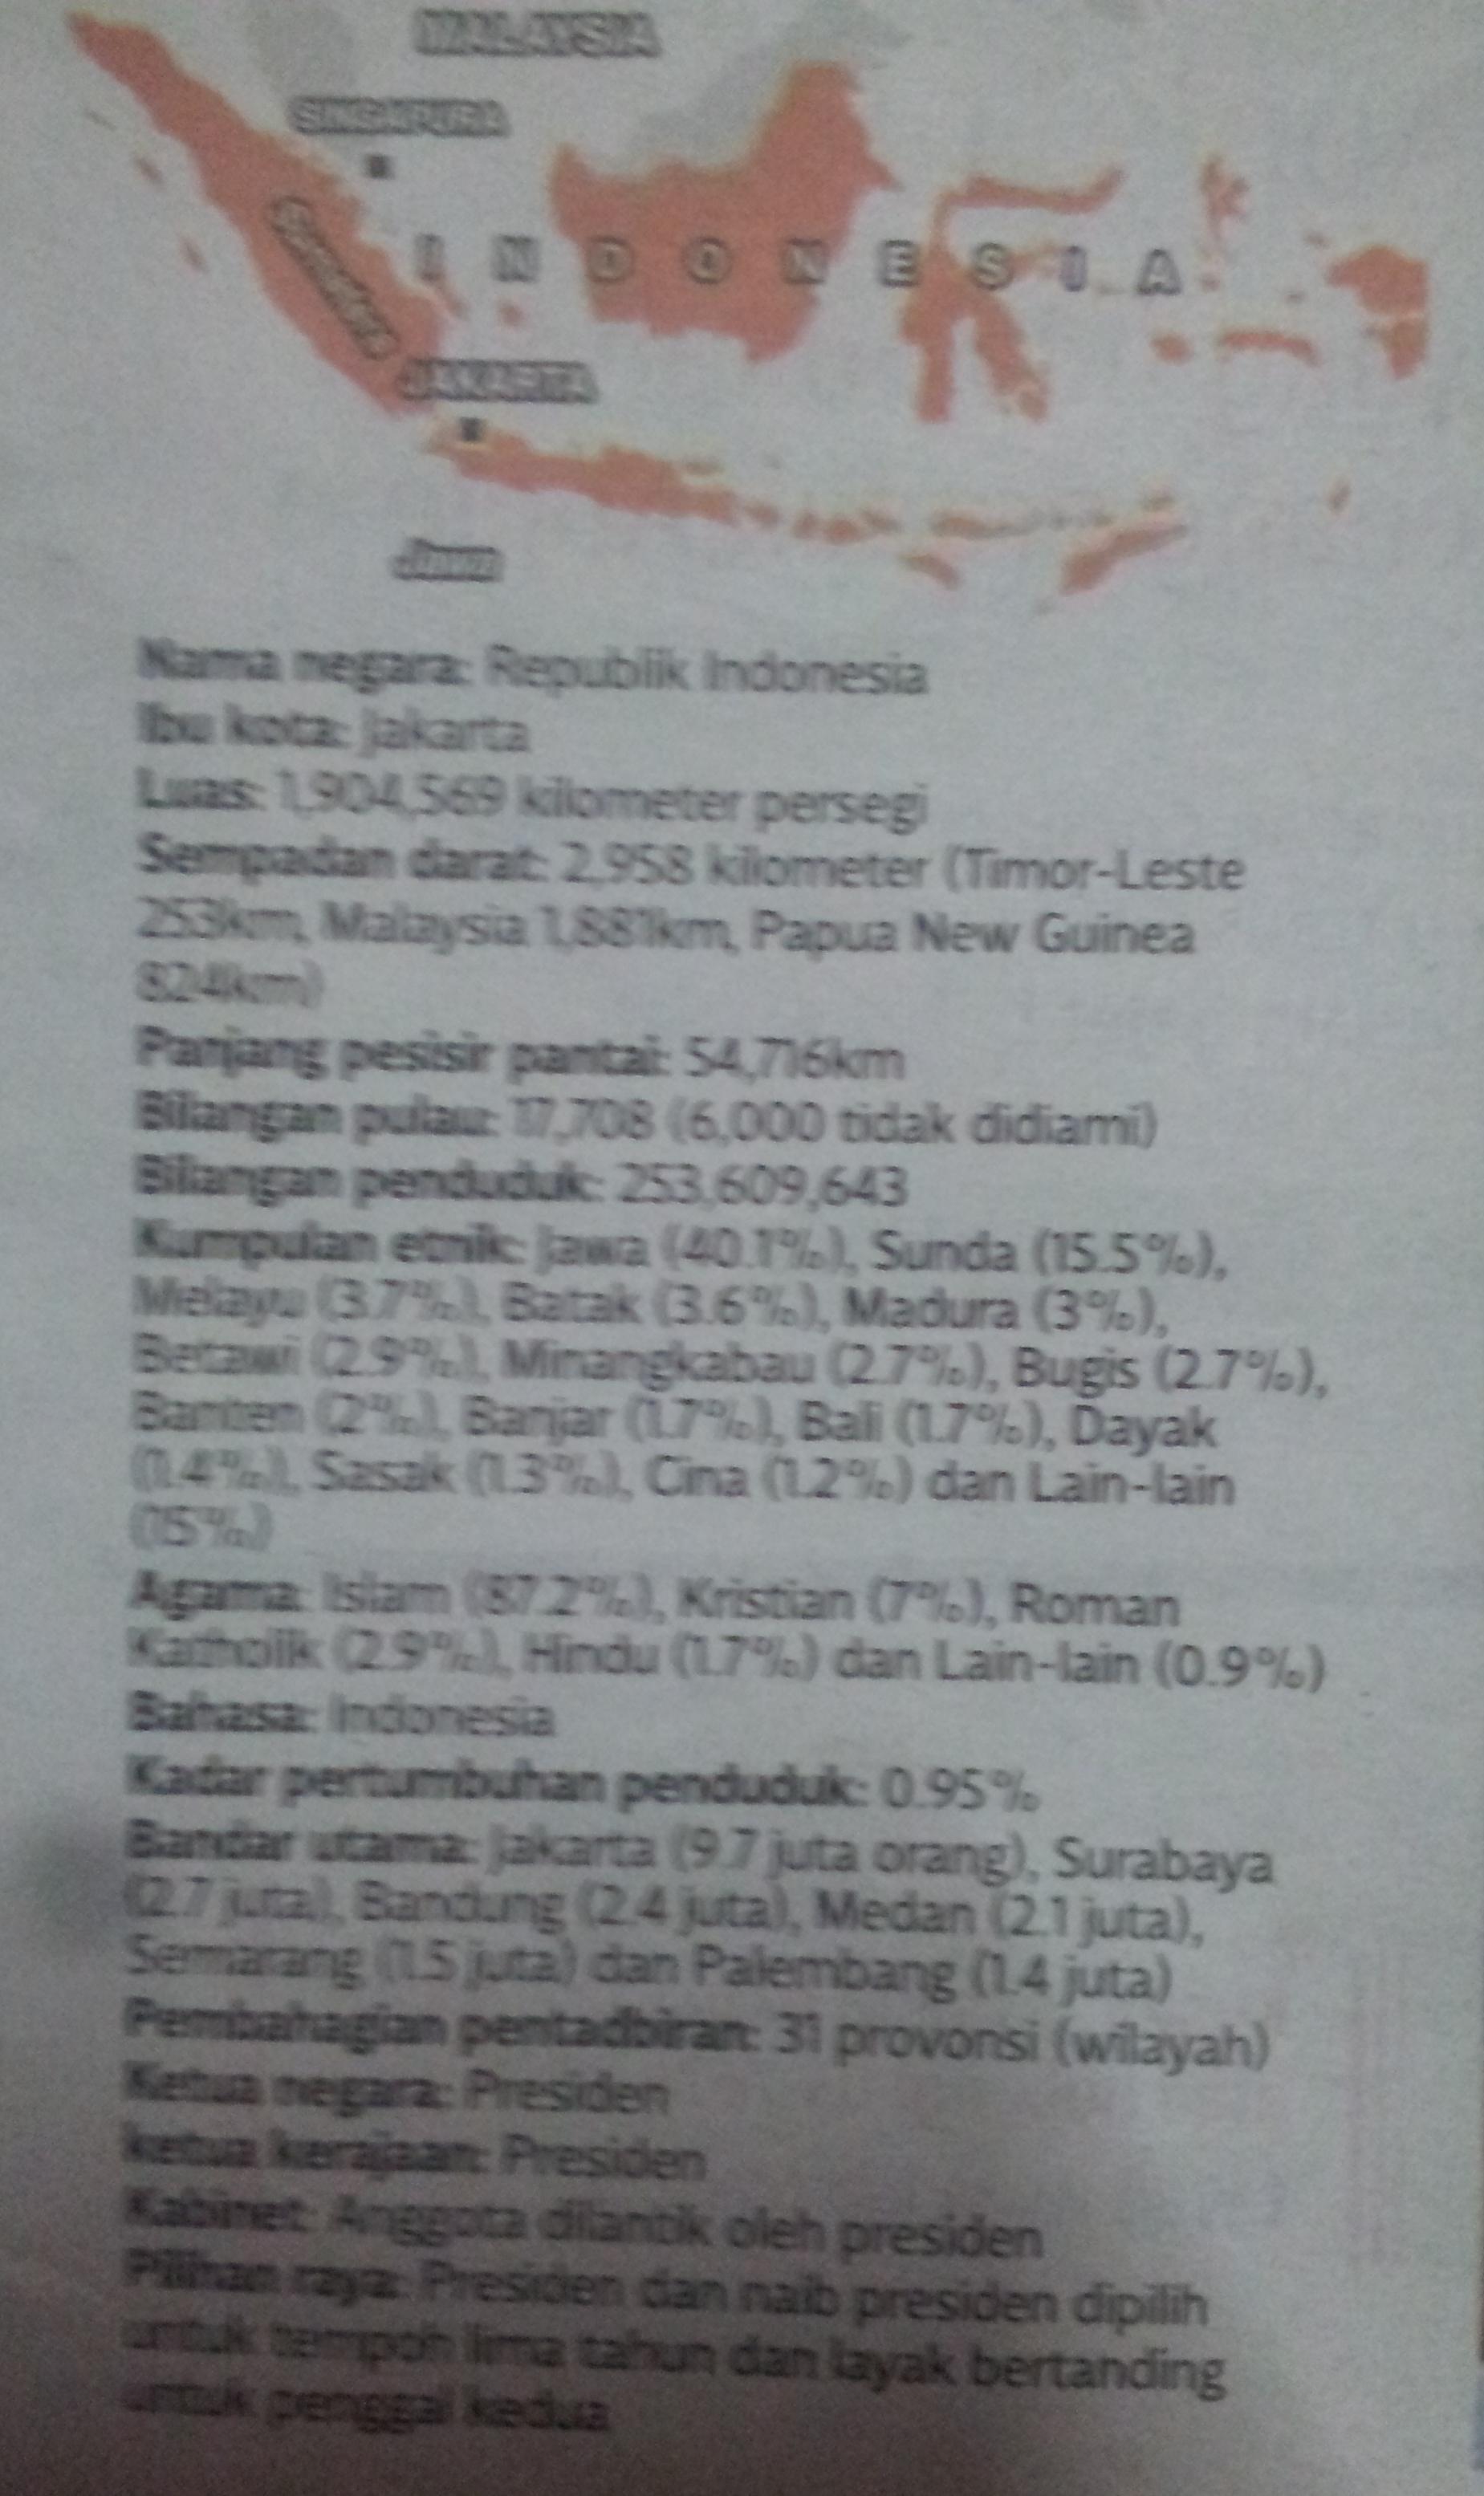 Indon Fakta